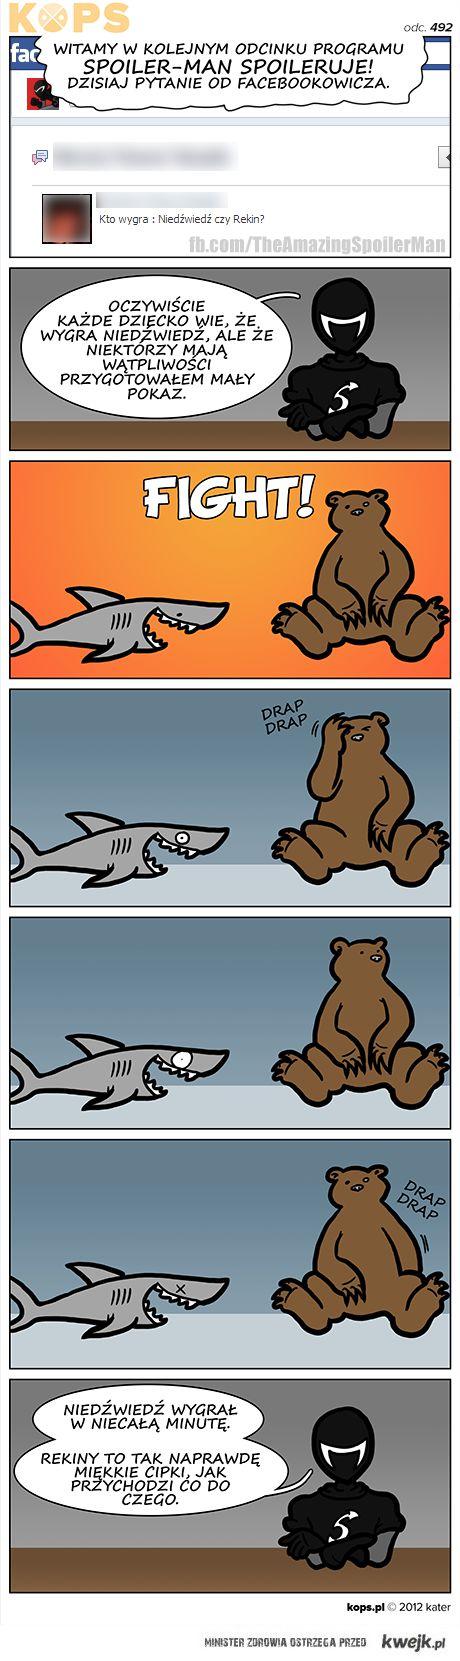 rekin vs niedźwiedź